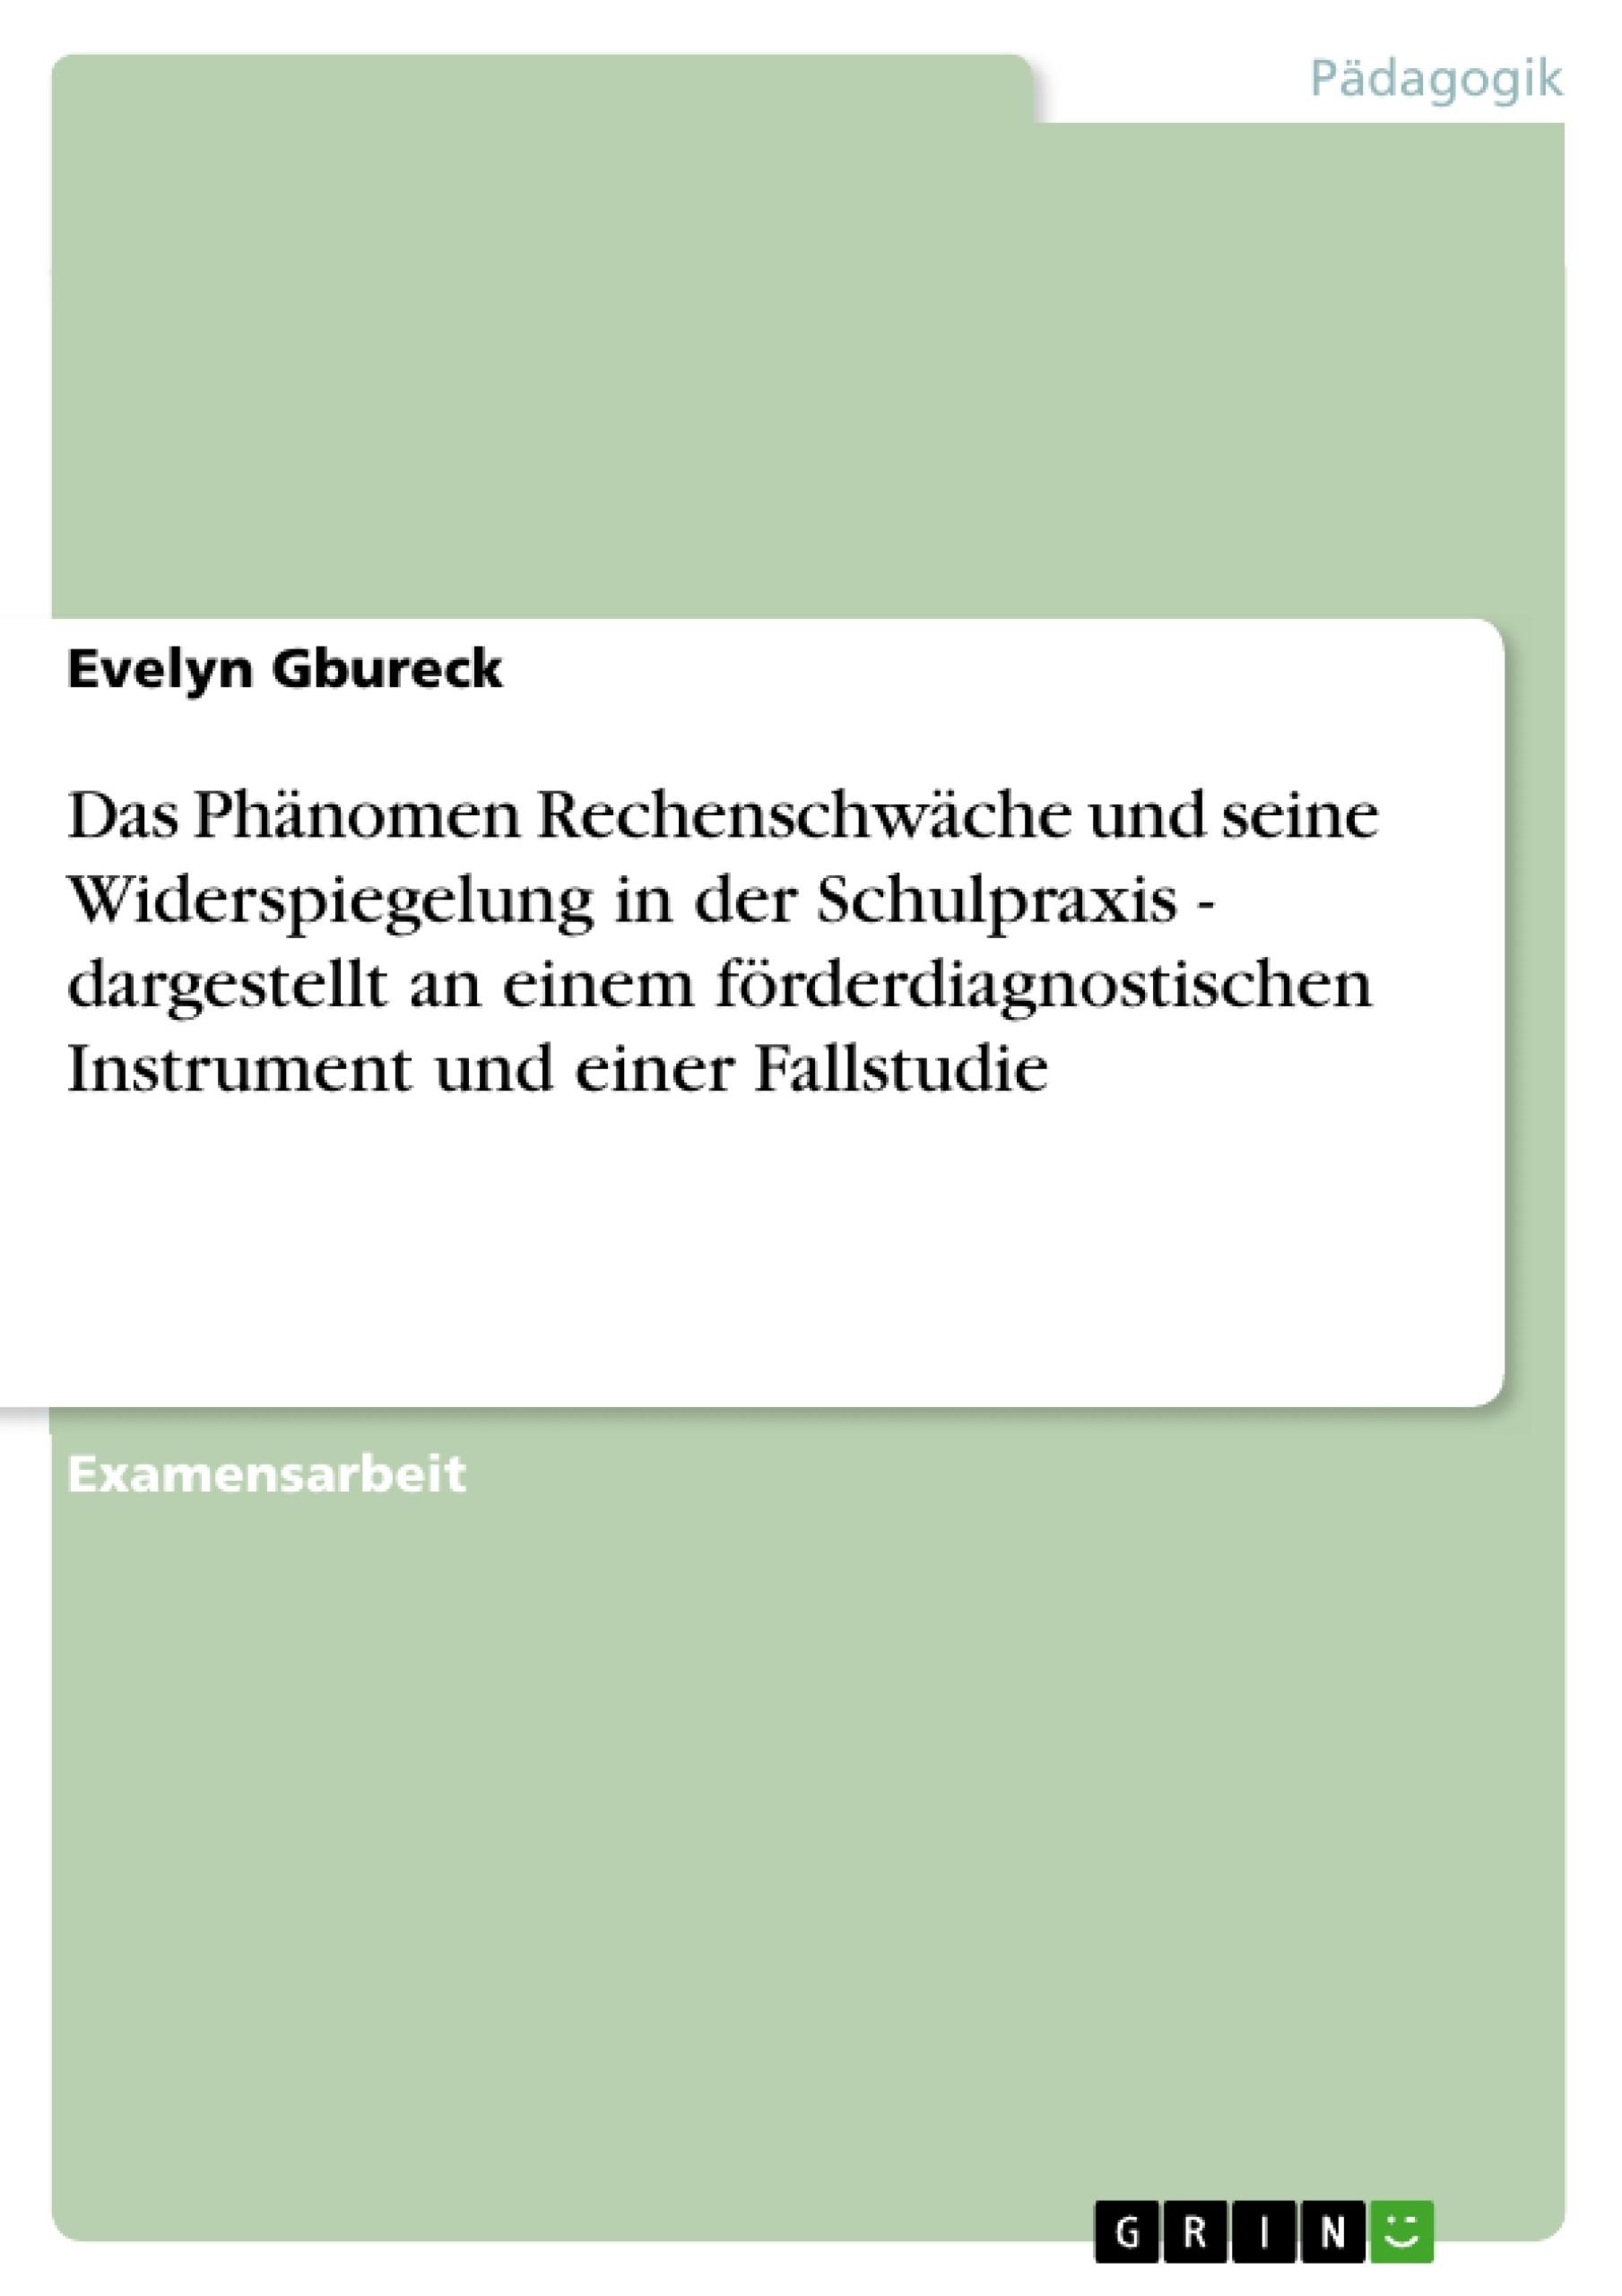 Titel: Das Phänomen Rechenschwäche und seine Widerspiegelung in der Schulpraxis - dargestellt an einem förderdiagnostischen Instrument und einer Fallstudie